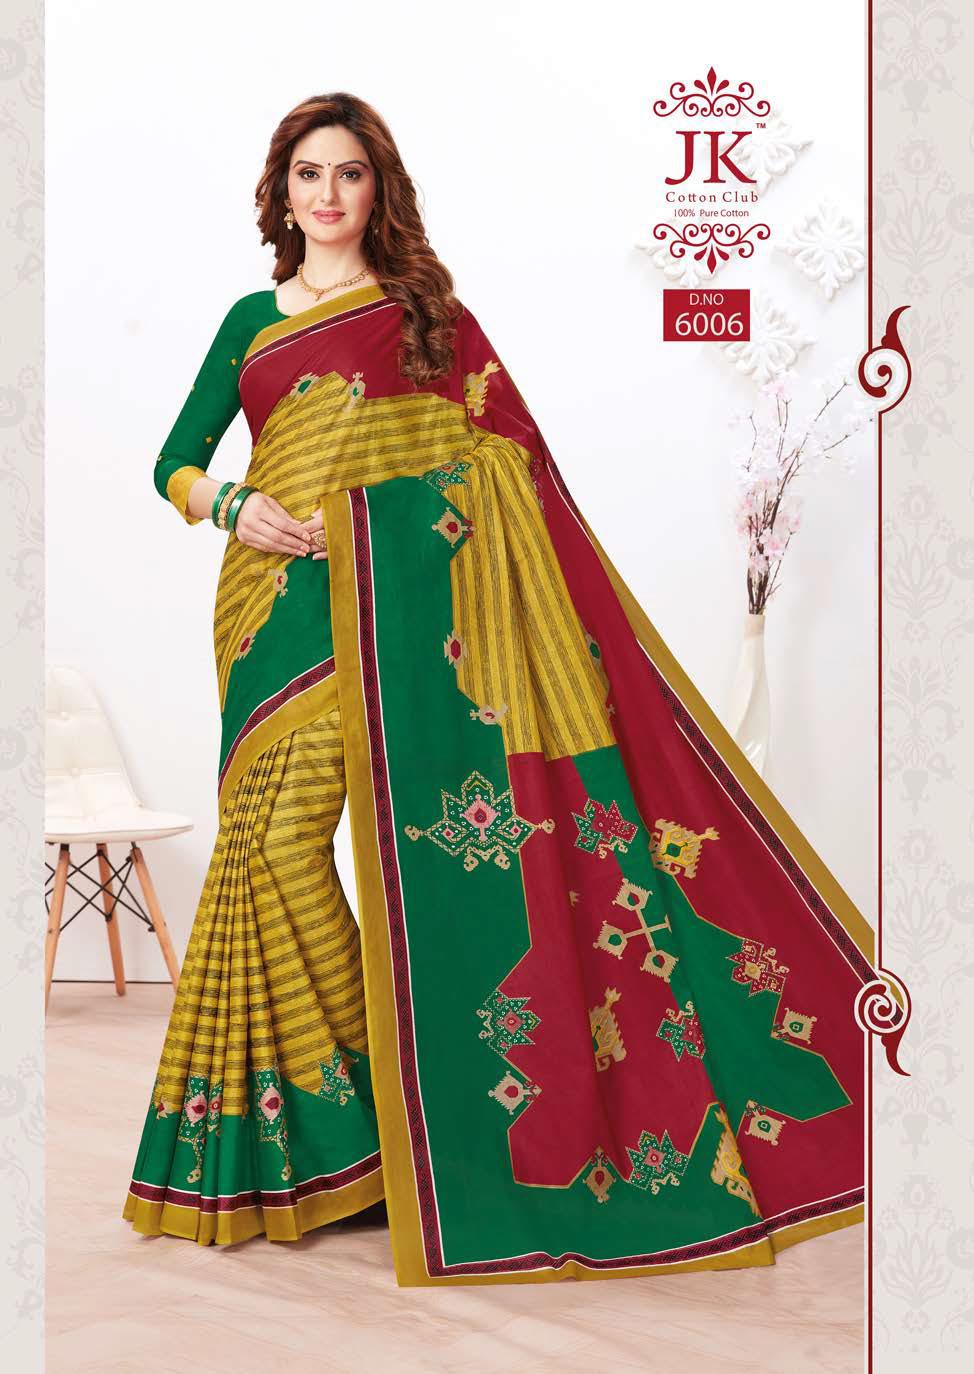 JK Tulsi Vol 6 B Saree Sari Wholesale Catalog 10 Pcs 4 - JK Tulsi Vol 6 B Saree Sari Wholesale Catalog 10 Pcs